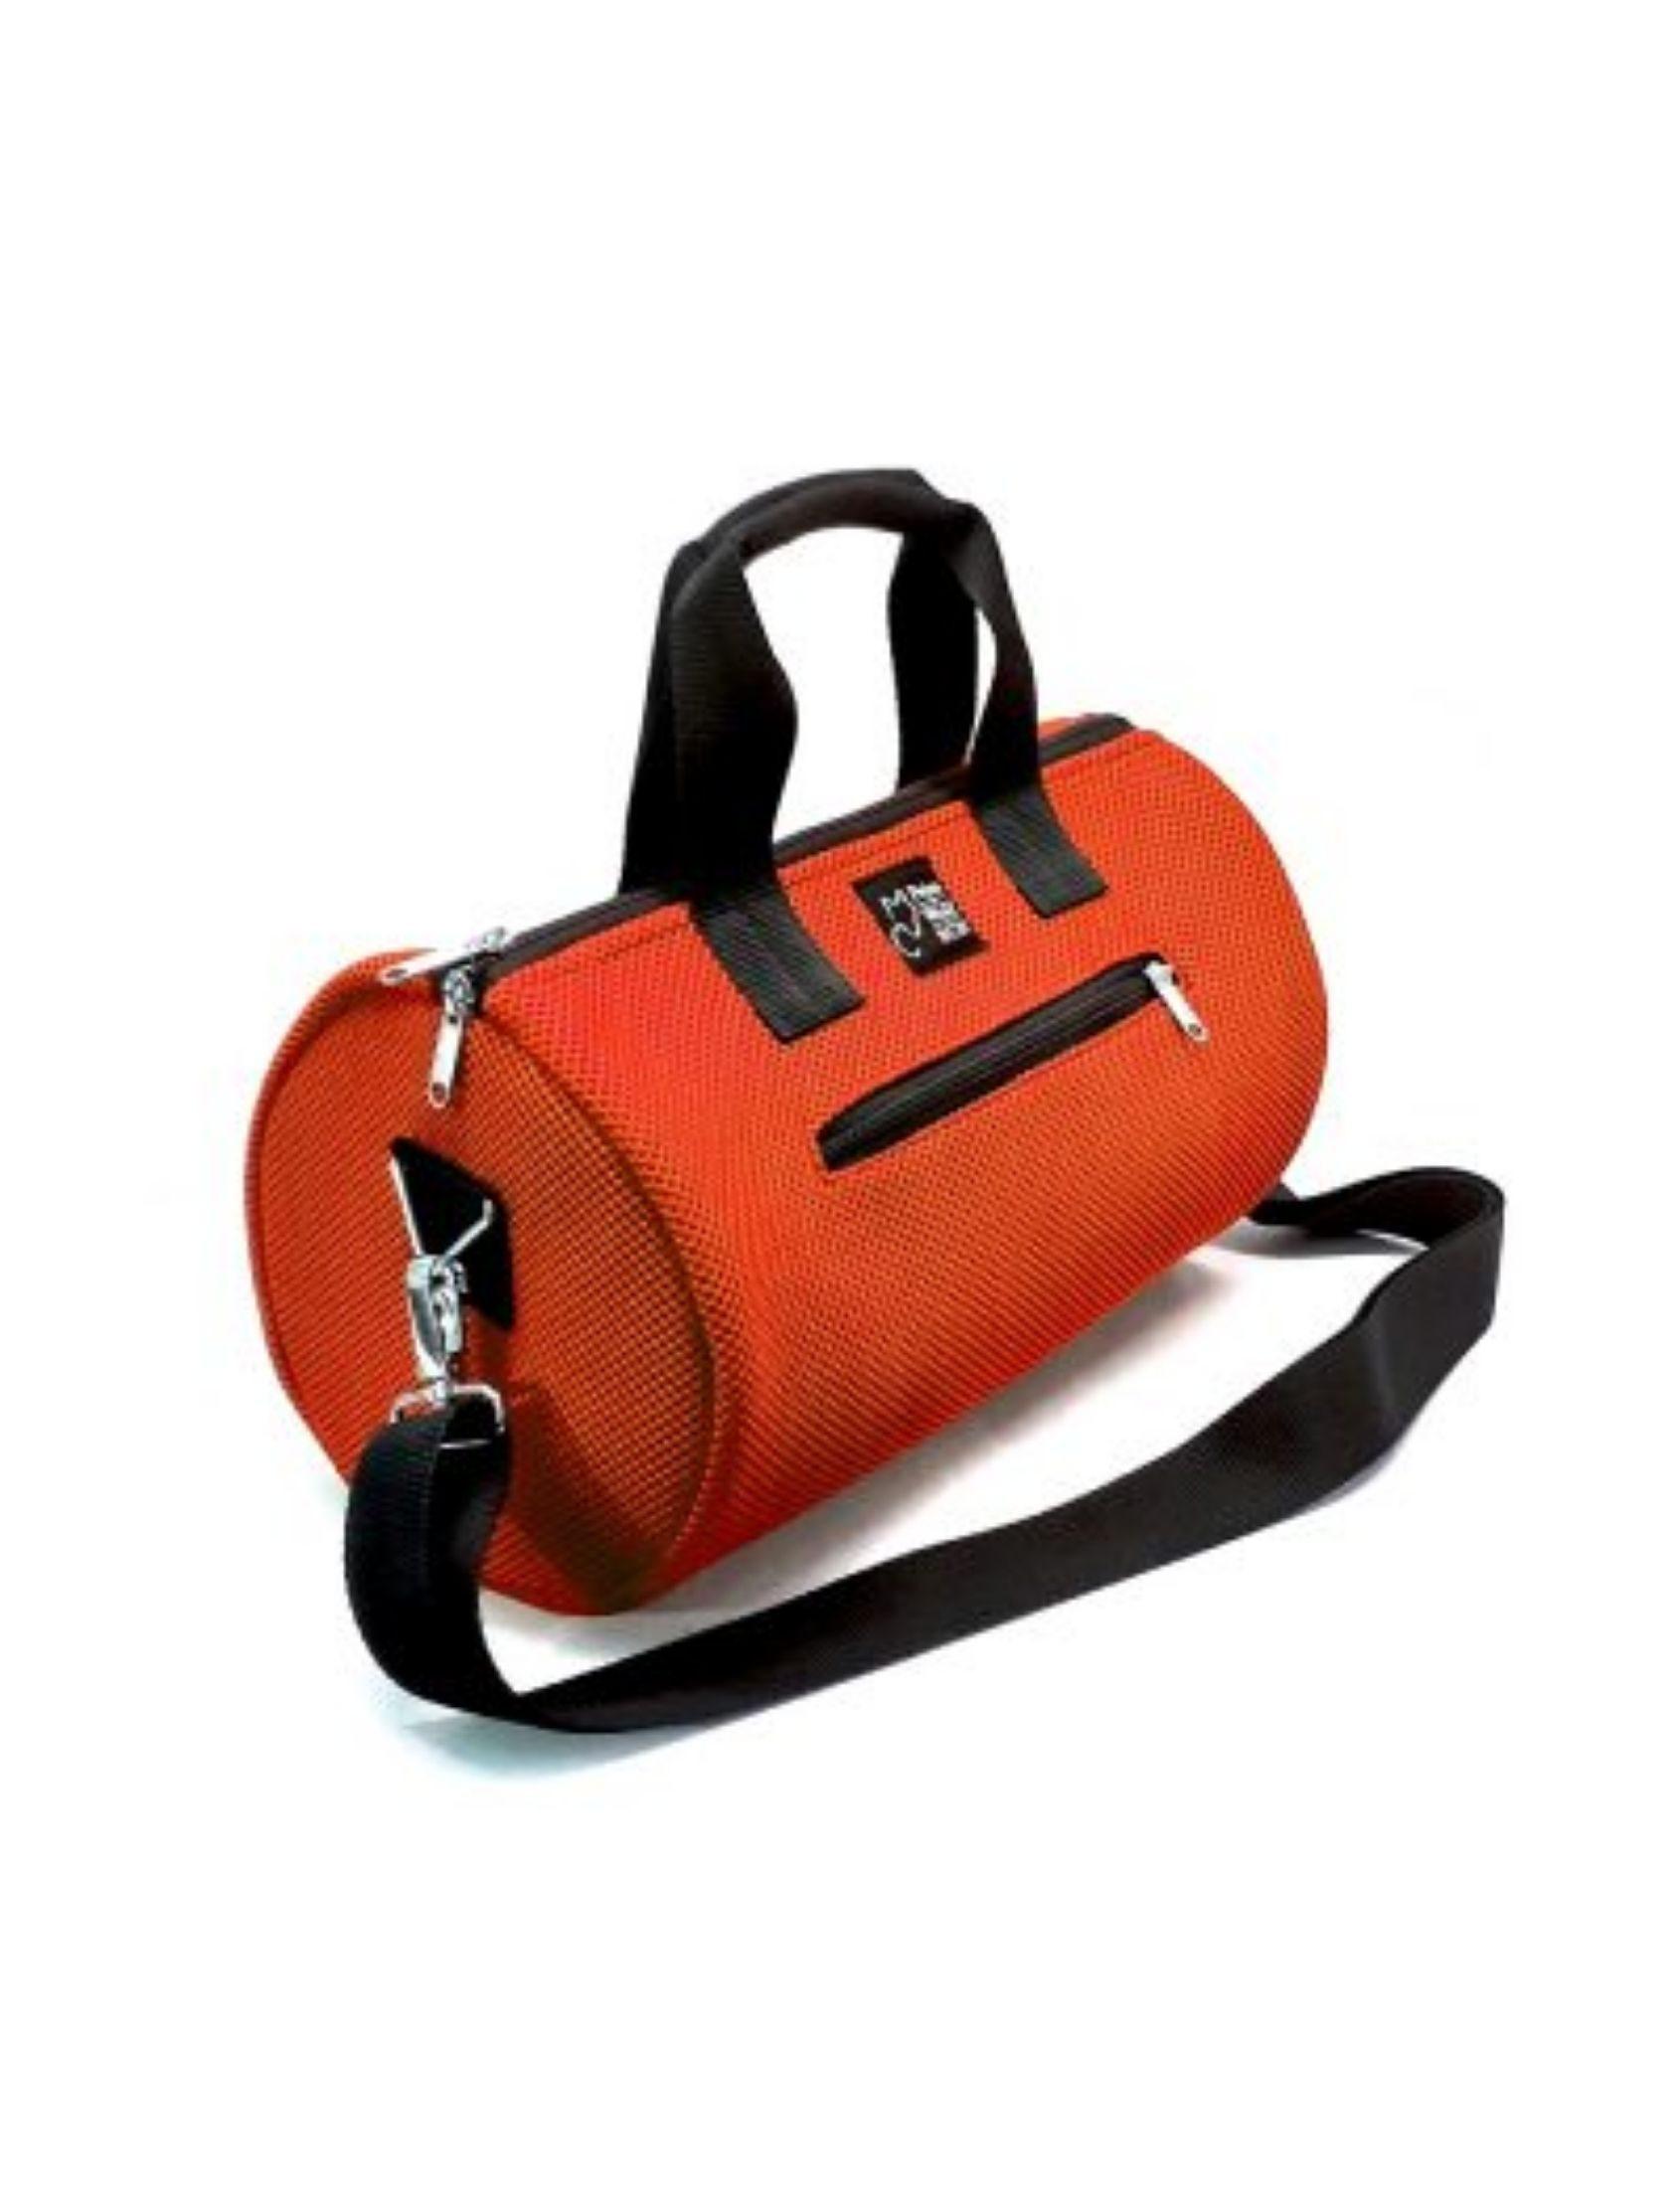 bolso de deporte con asa corta y bandolera en color naranja y tejido técnico de peter&Wolf Barccelona